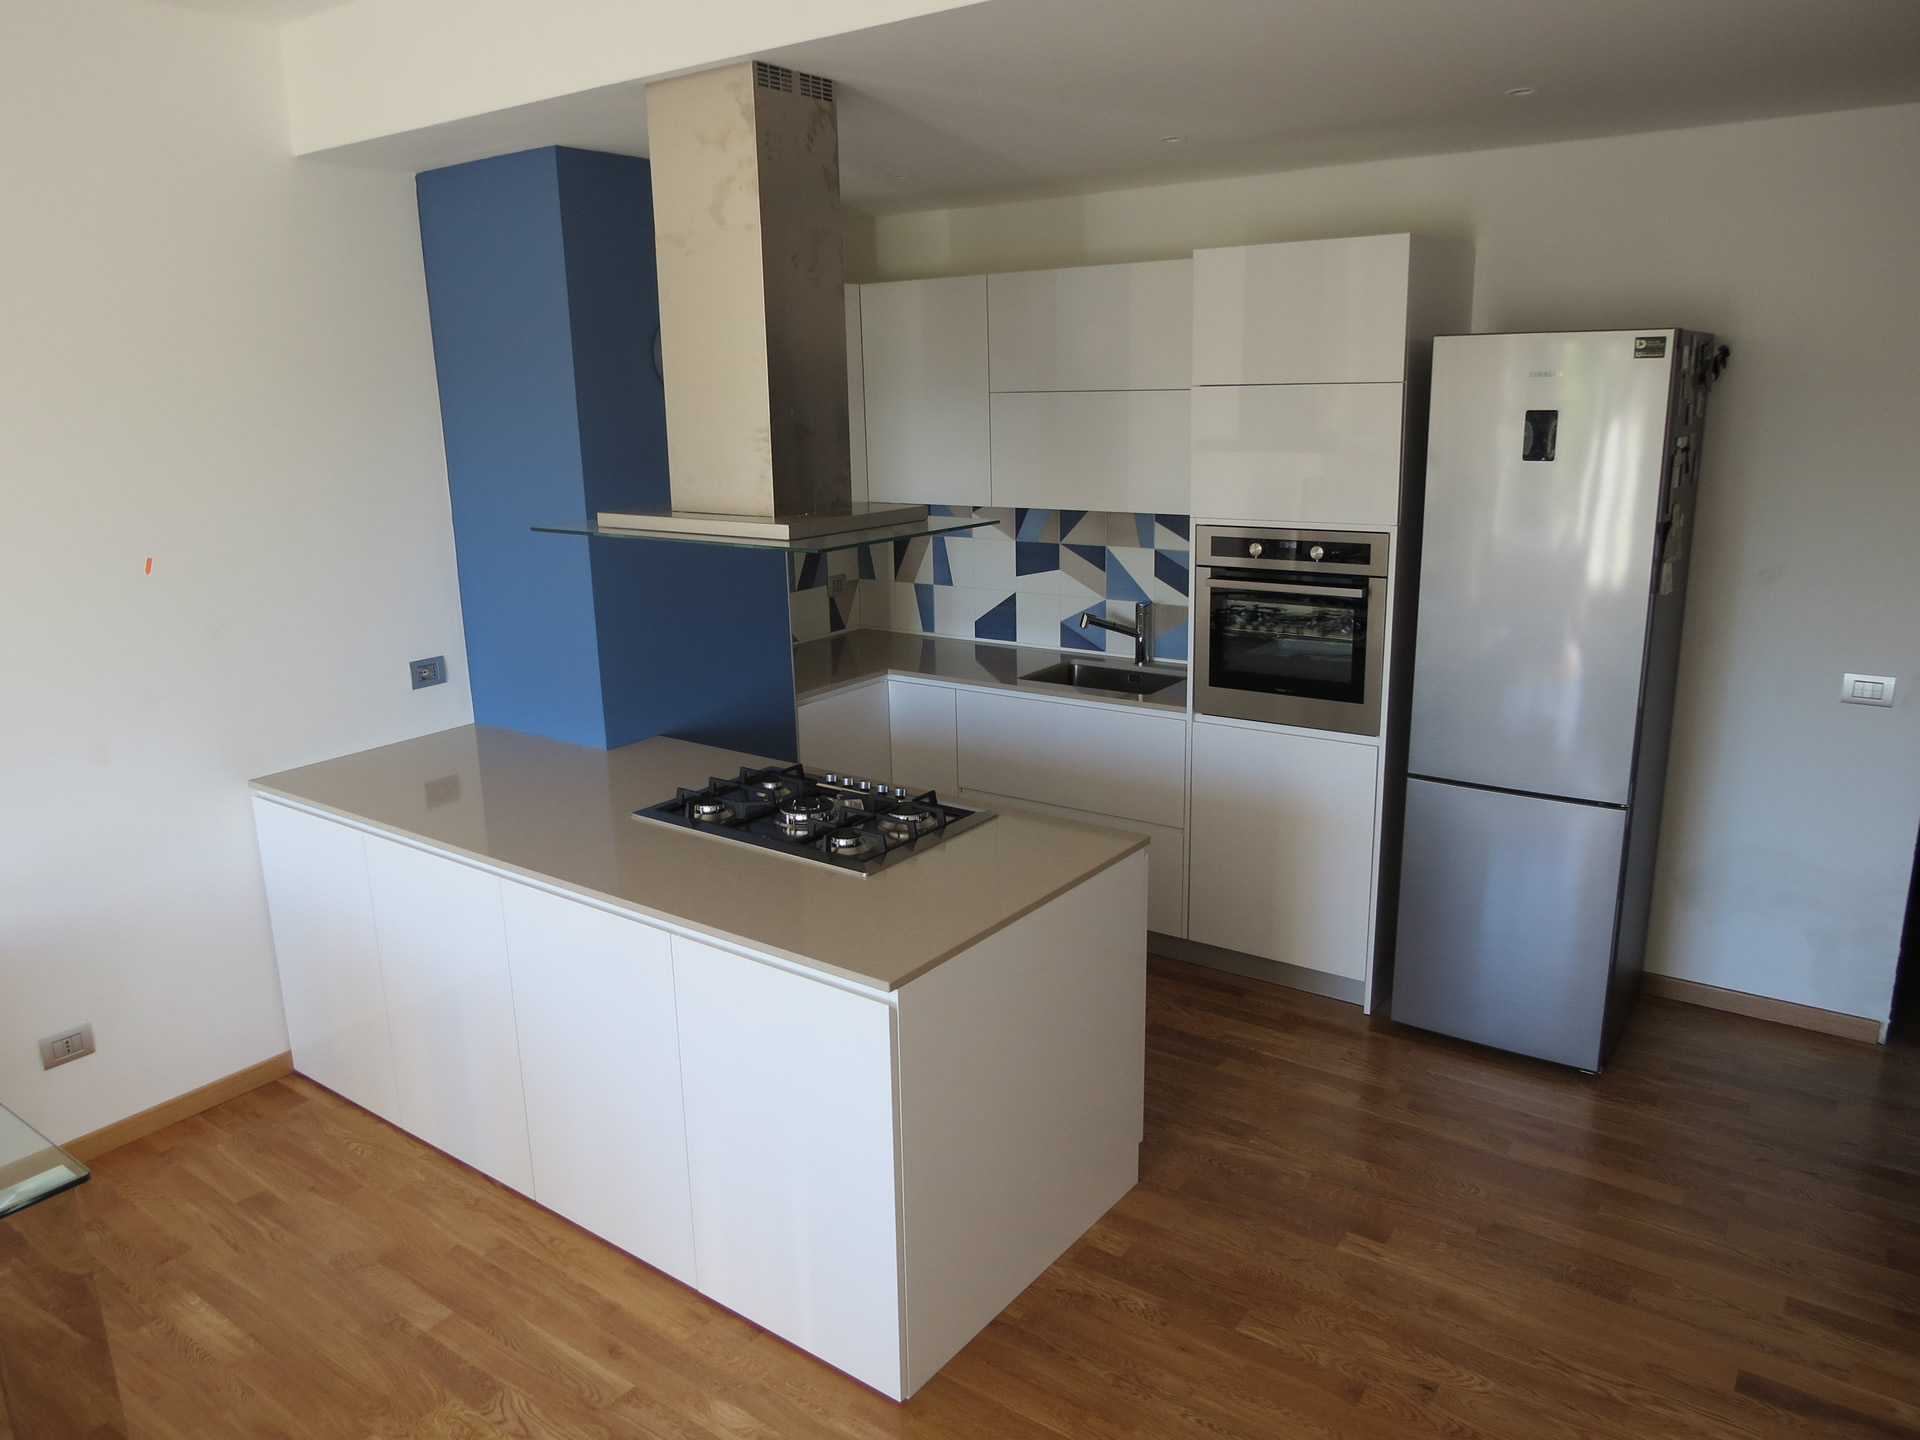 Cucina laccata bianco lucido top silestone e rivestimento - Cucina bianco lucido ...